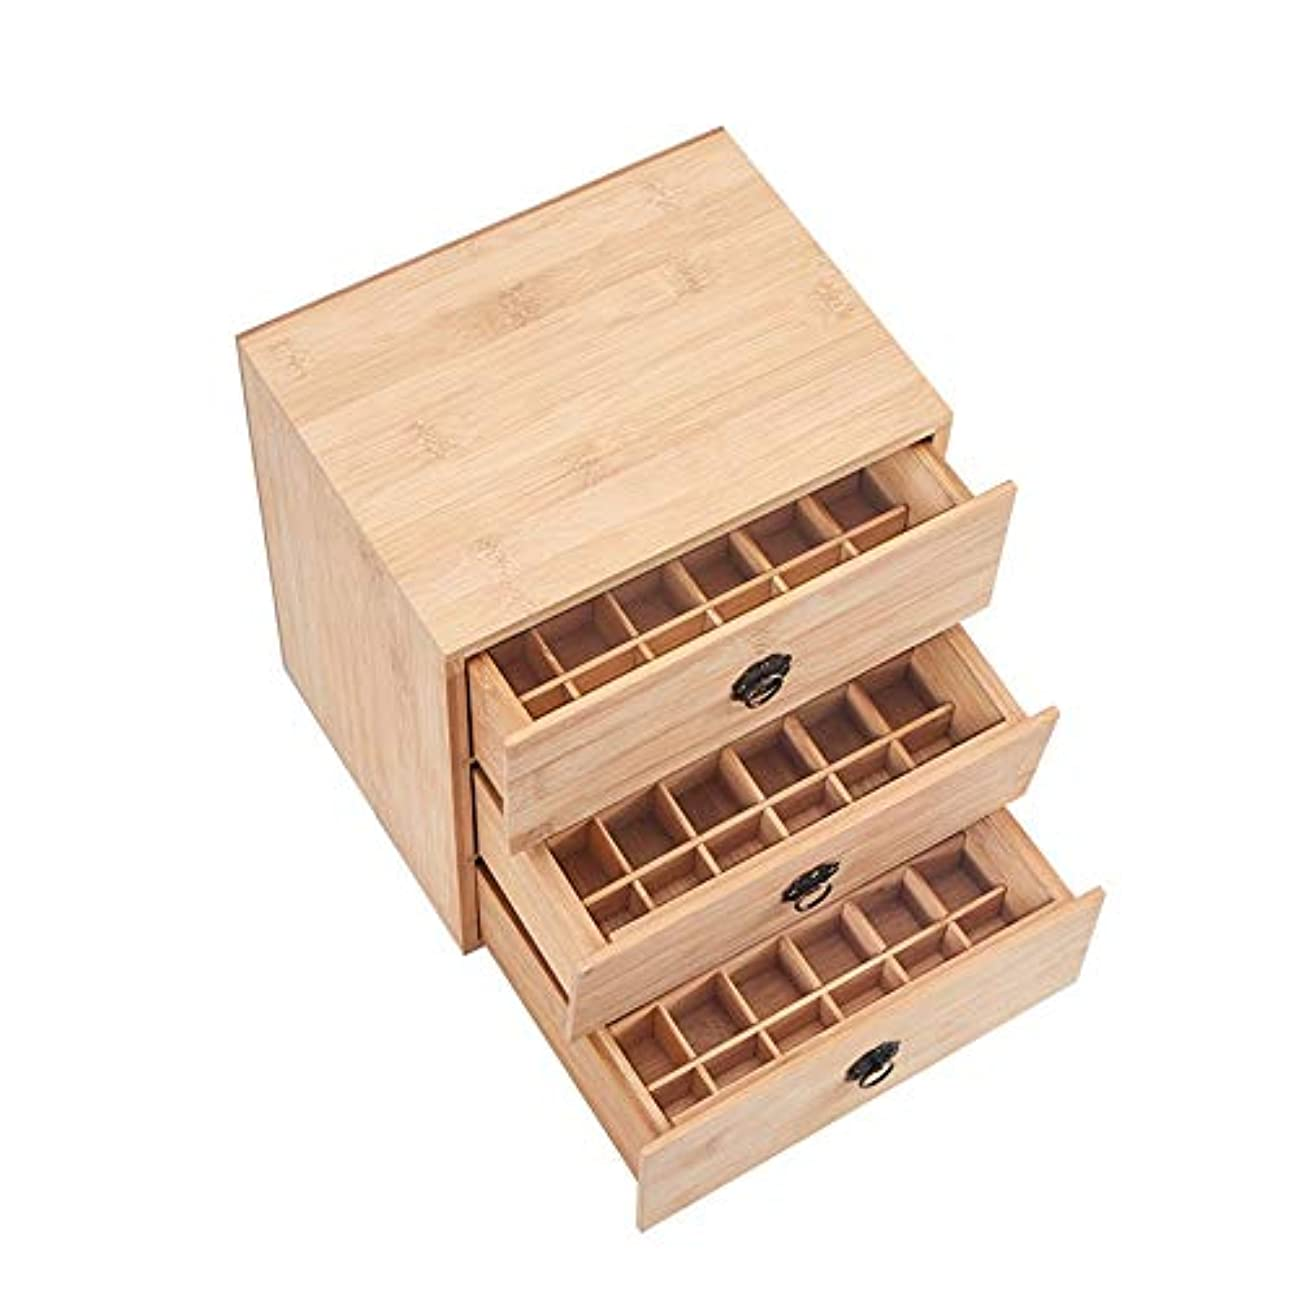 シュガーペルソナ両方エッセンシャルオイルの保管 90本のスロット木エッセンシャルオイルボックス3ティア15/10/5 M1のボトルナチュラル竹 (色 : Natural, サイズ : 24.5X20X26CM)